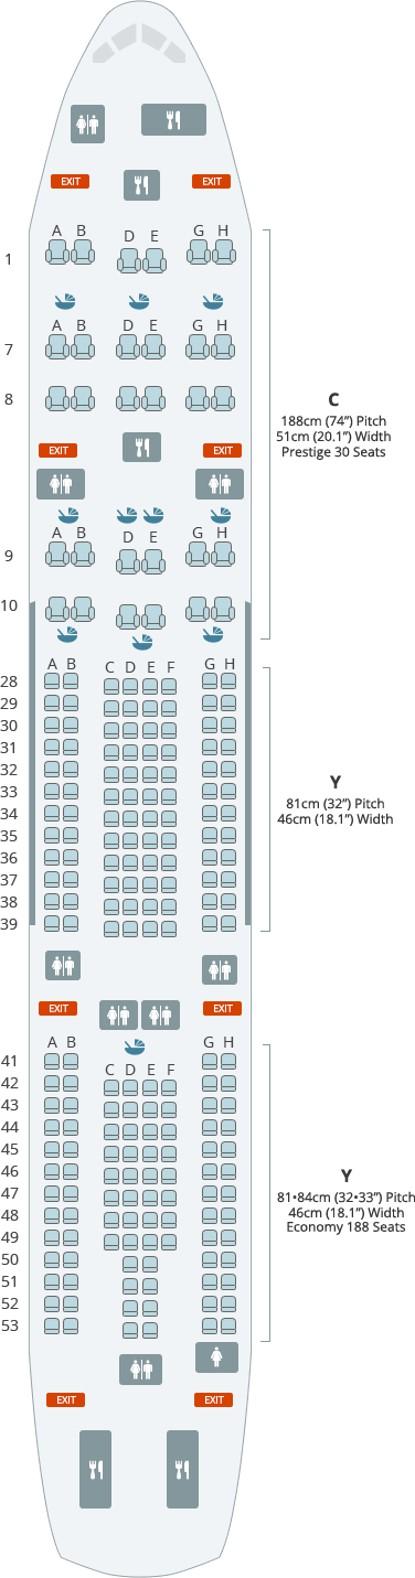 대한항공 A330-200 기내 좌석도